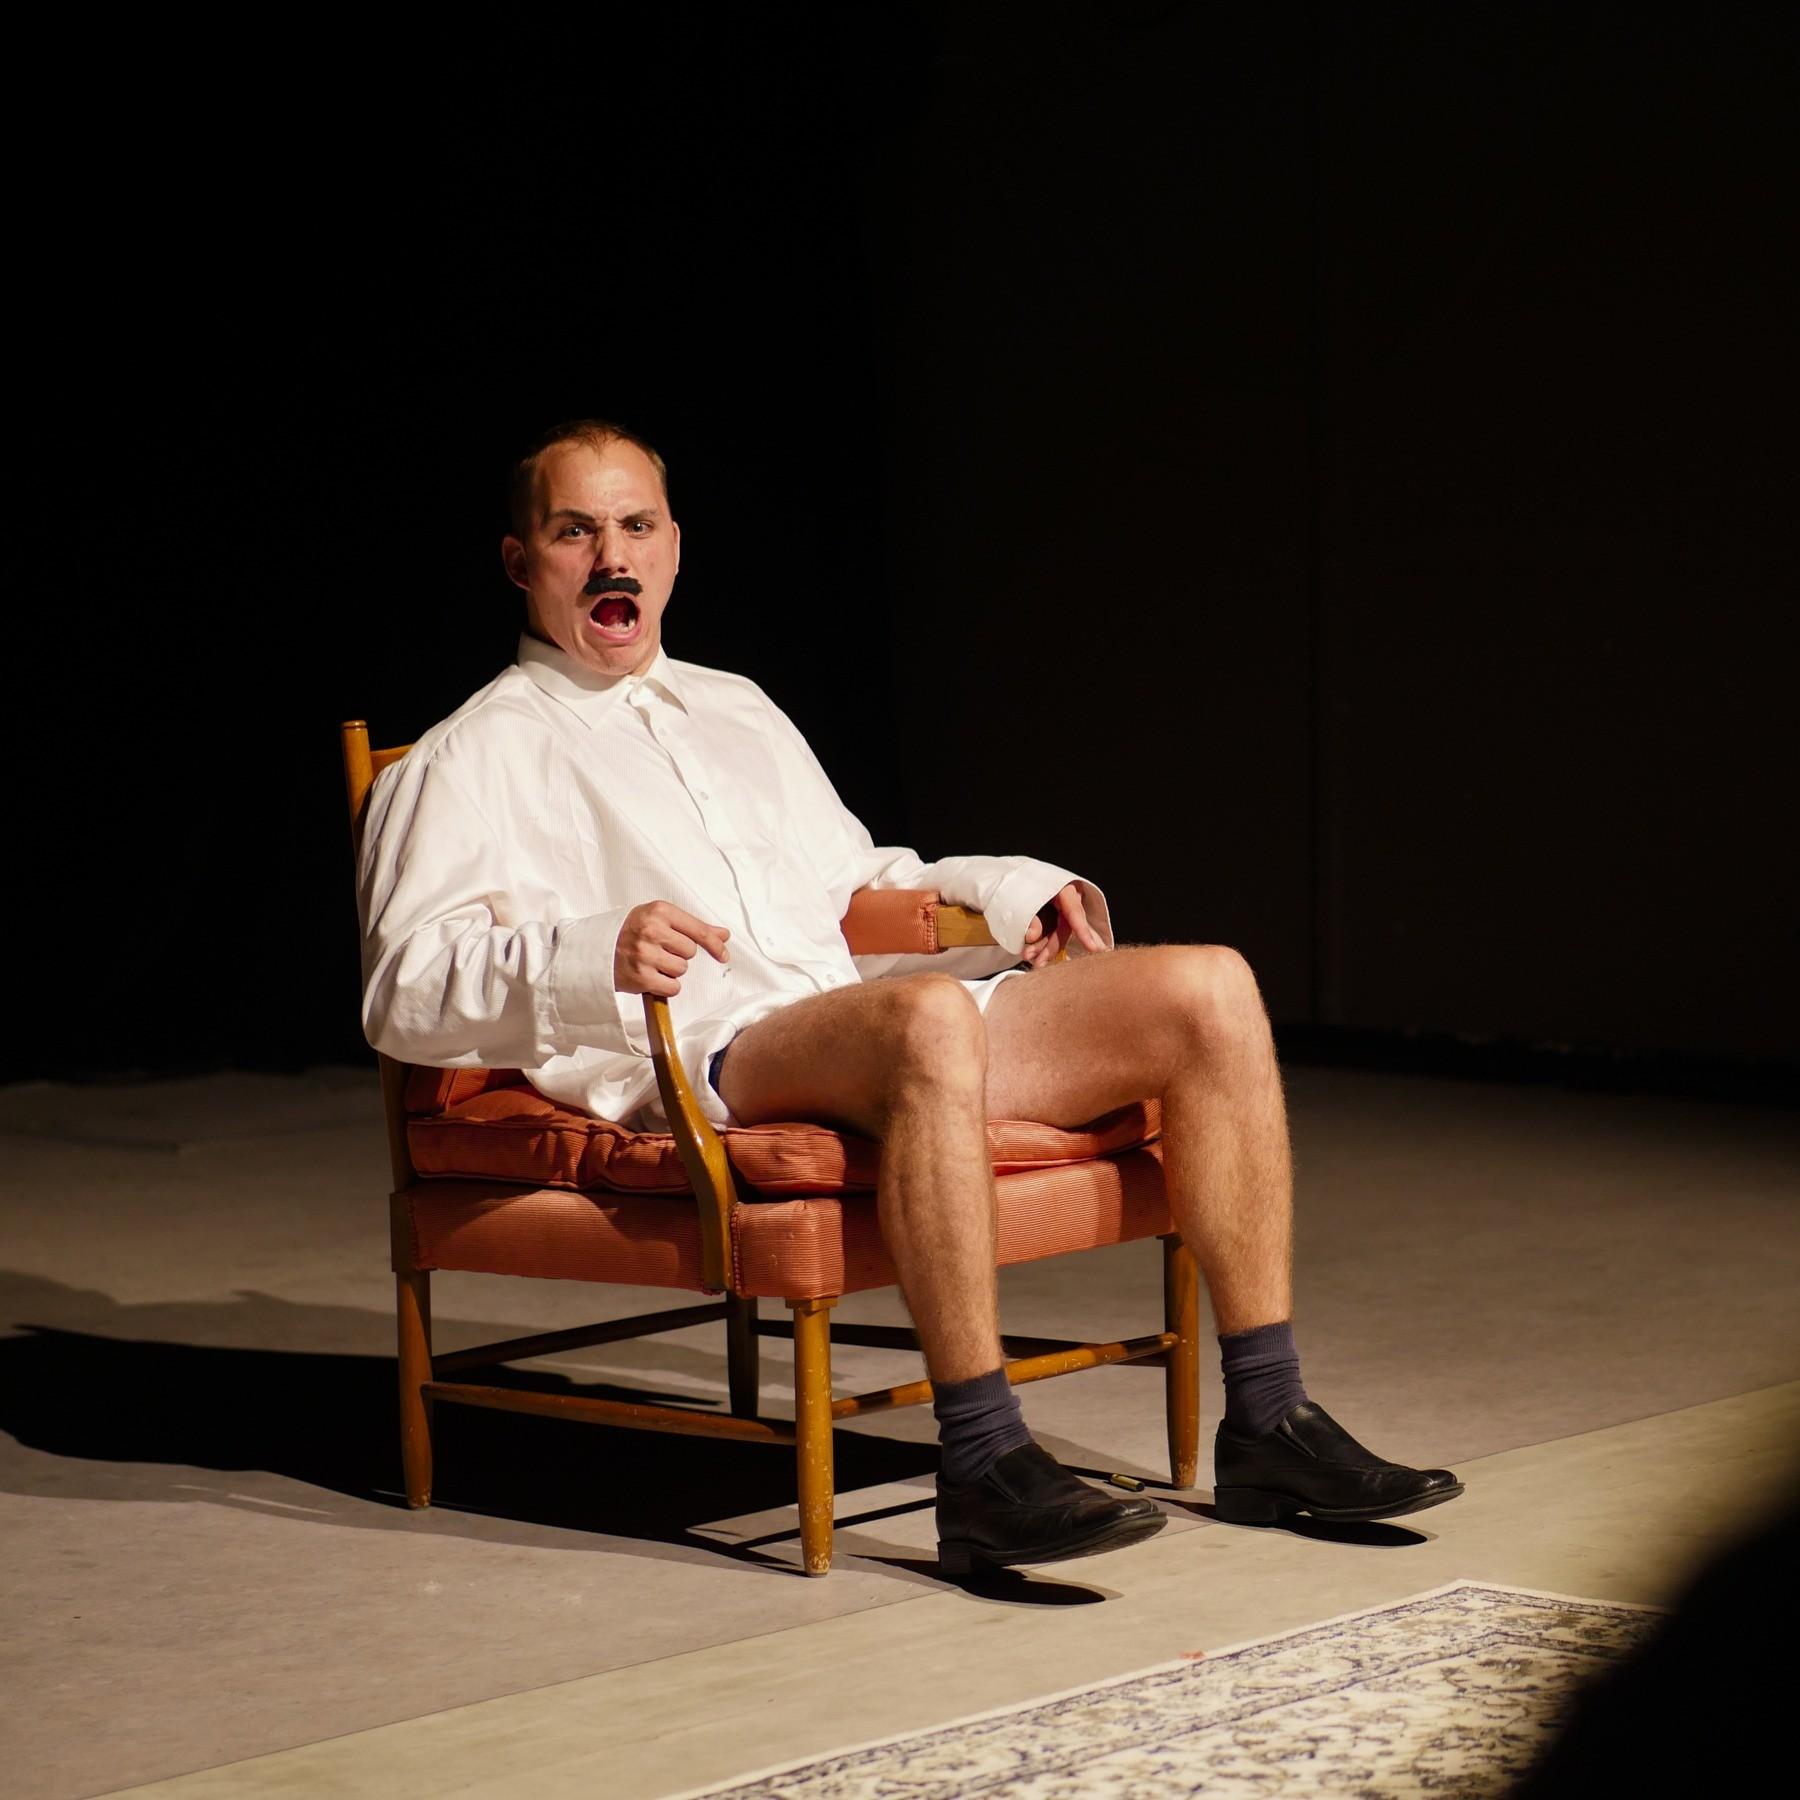 Mænd der elsker mænd af teatergruppen Menneskeunderholdning